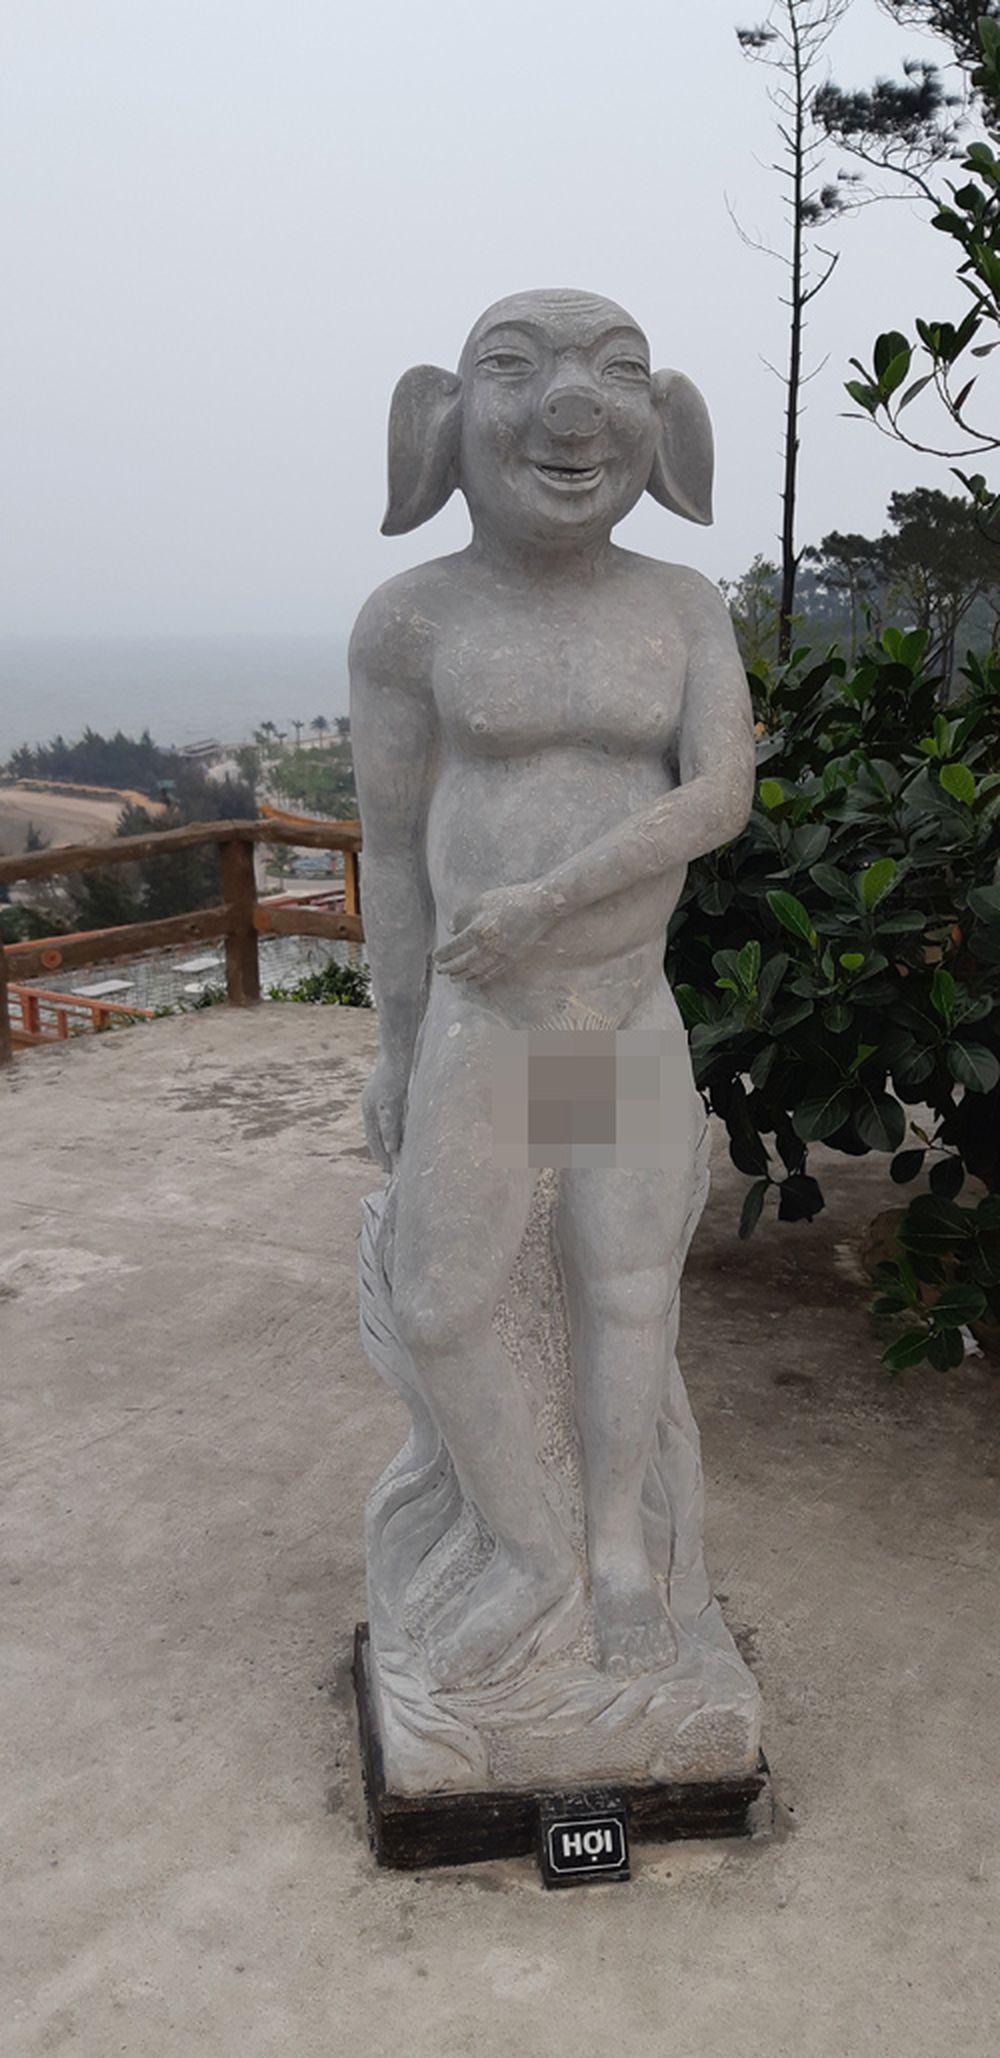 Các bức tượng được thiết kế theo hình tượng các con vật trong 12 con giáp, nhưng các con vật này lại có bộ phận sinh dục giống như bộ phận sinh dục ở ...